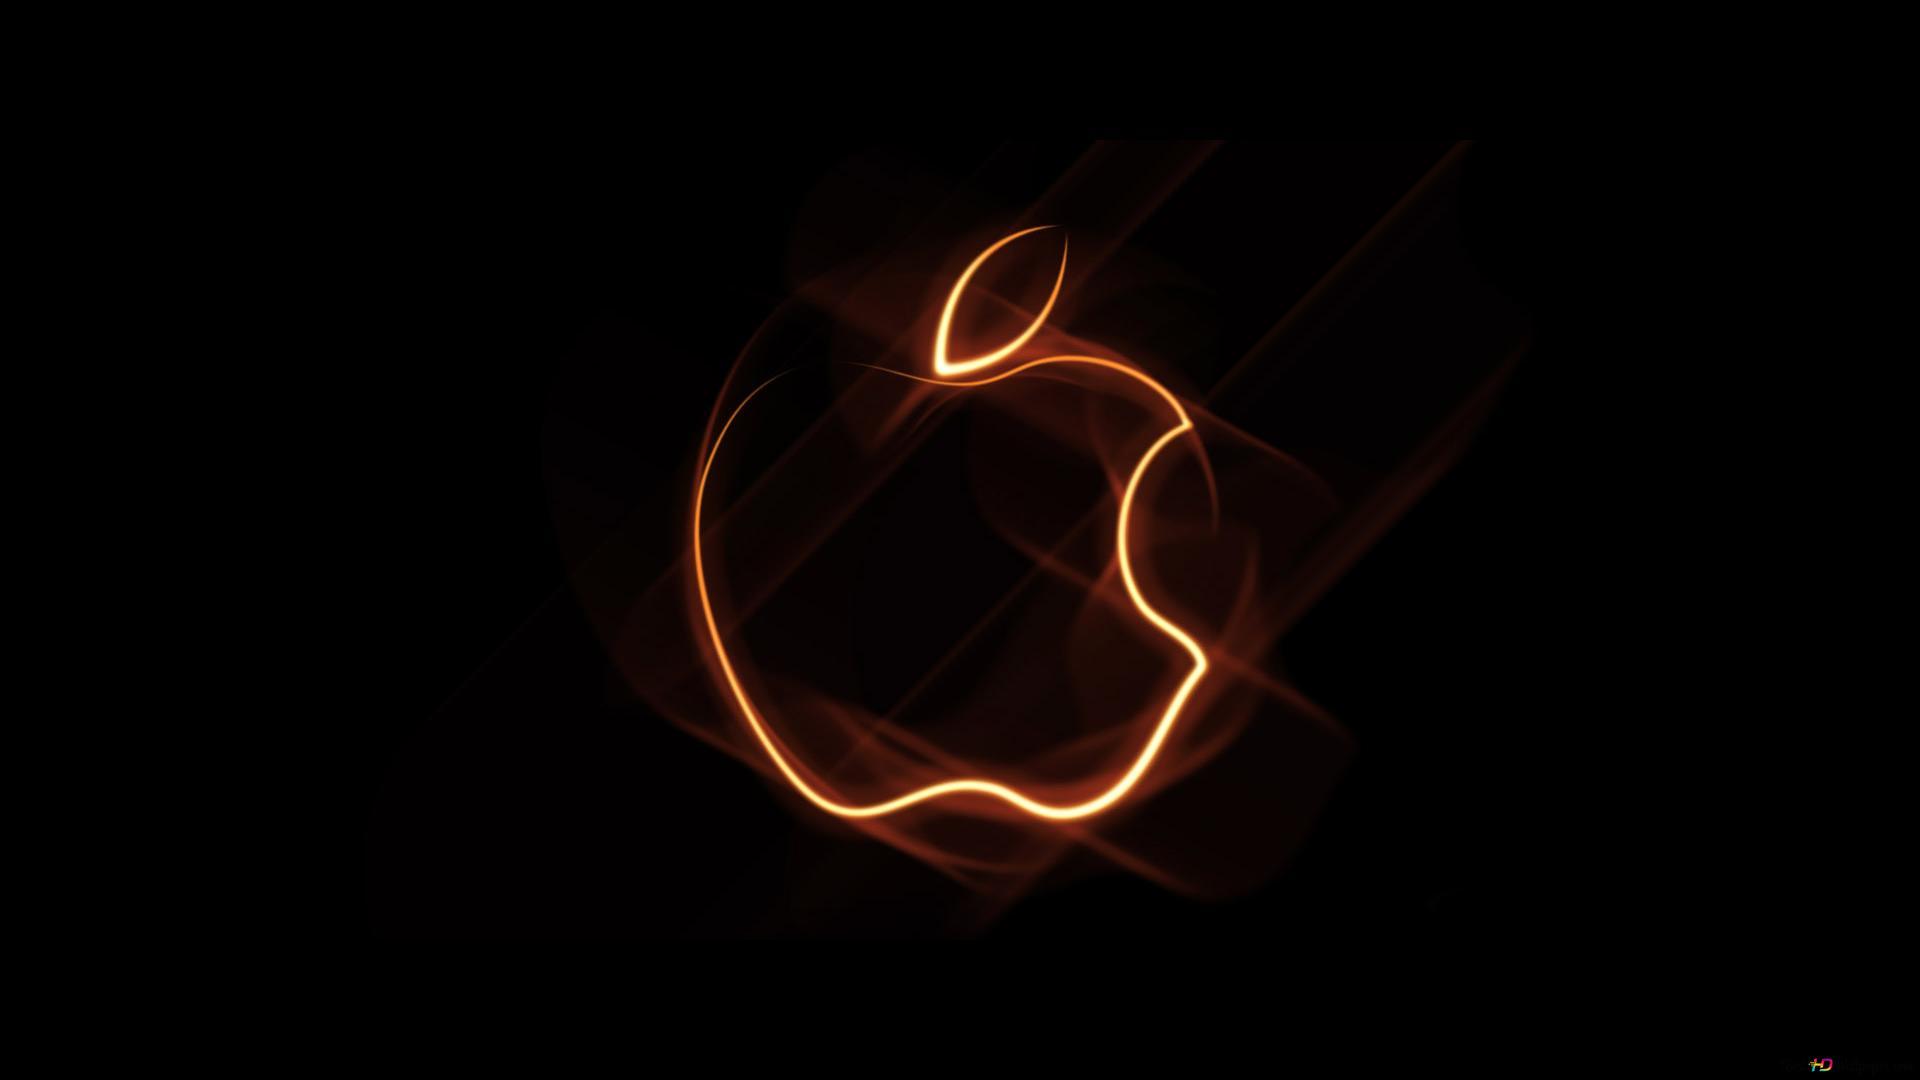 黑蘋果高清壁紙下載